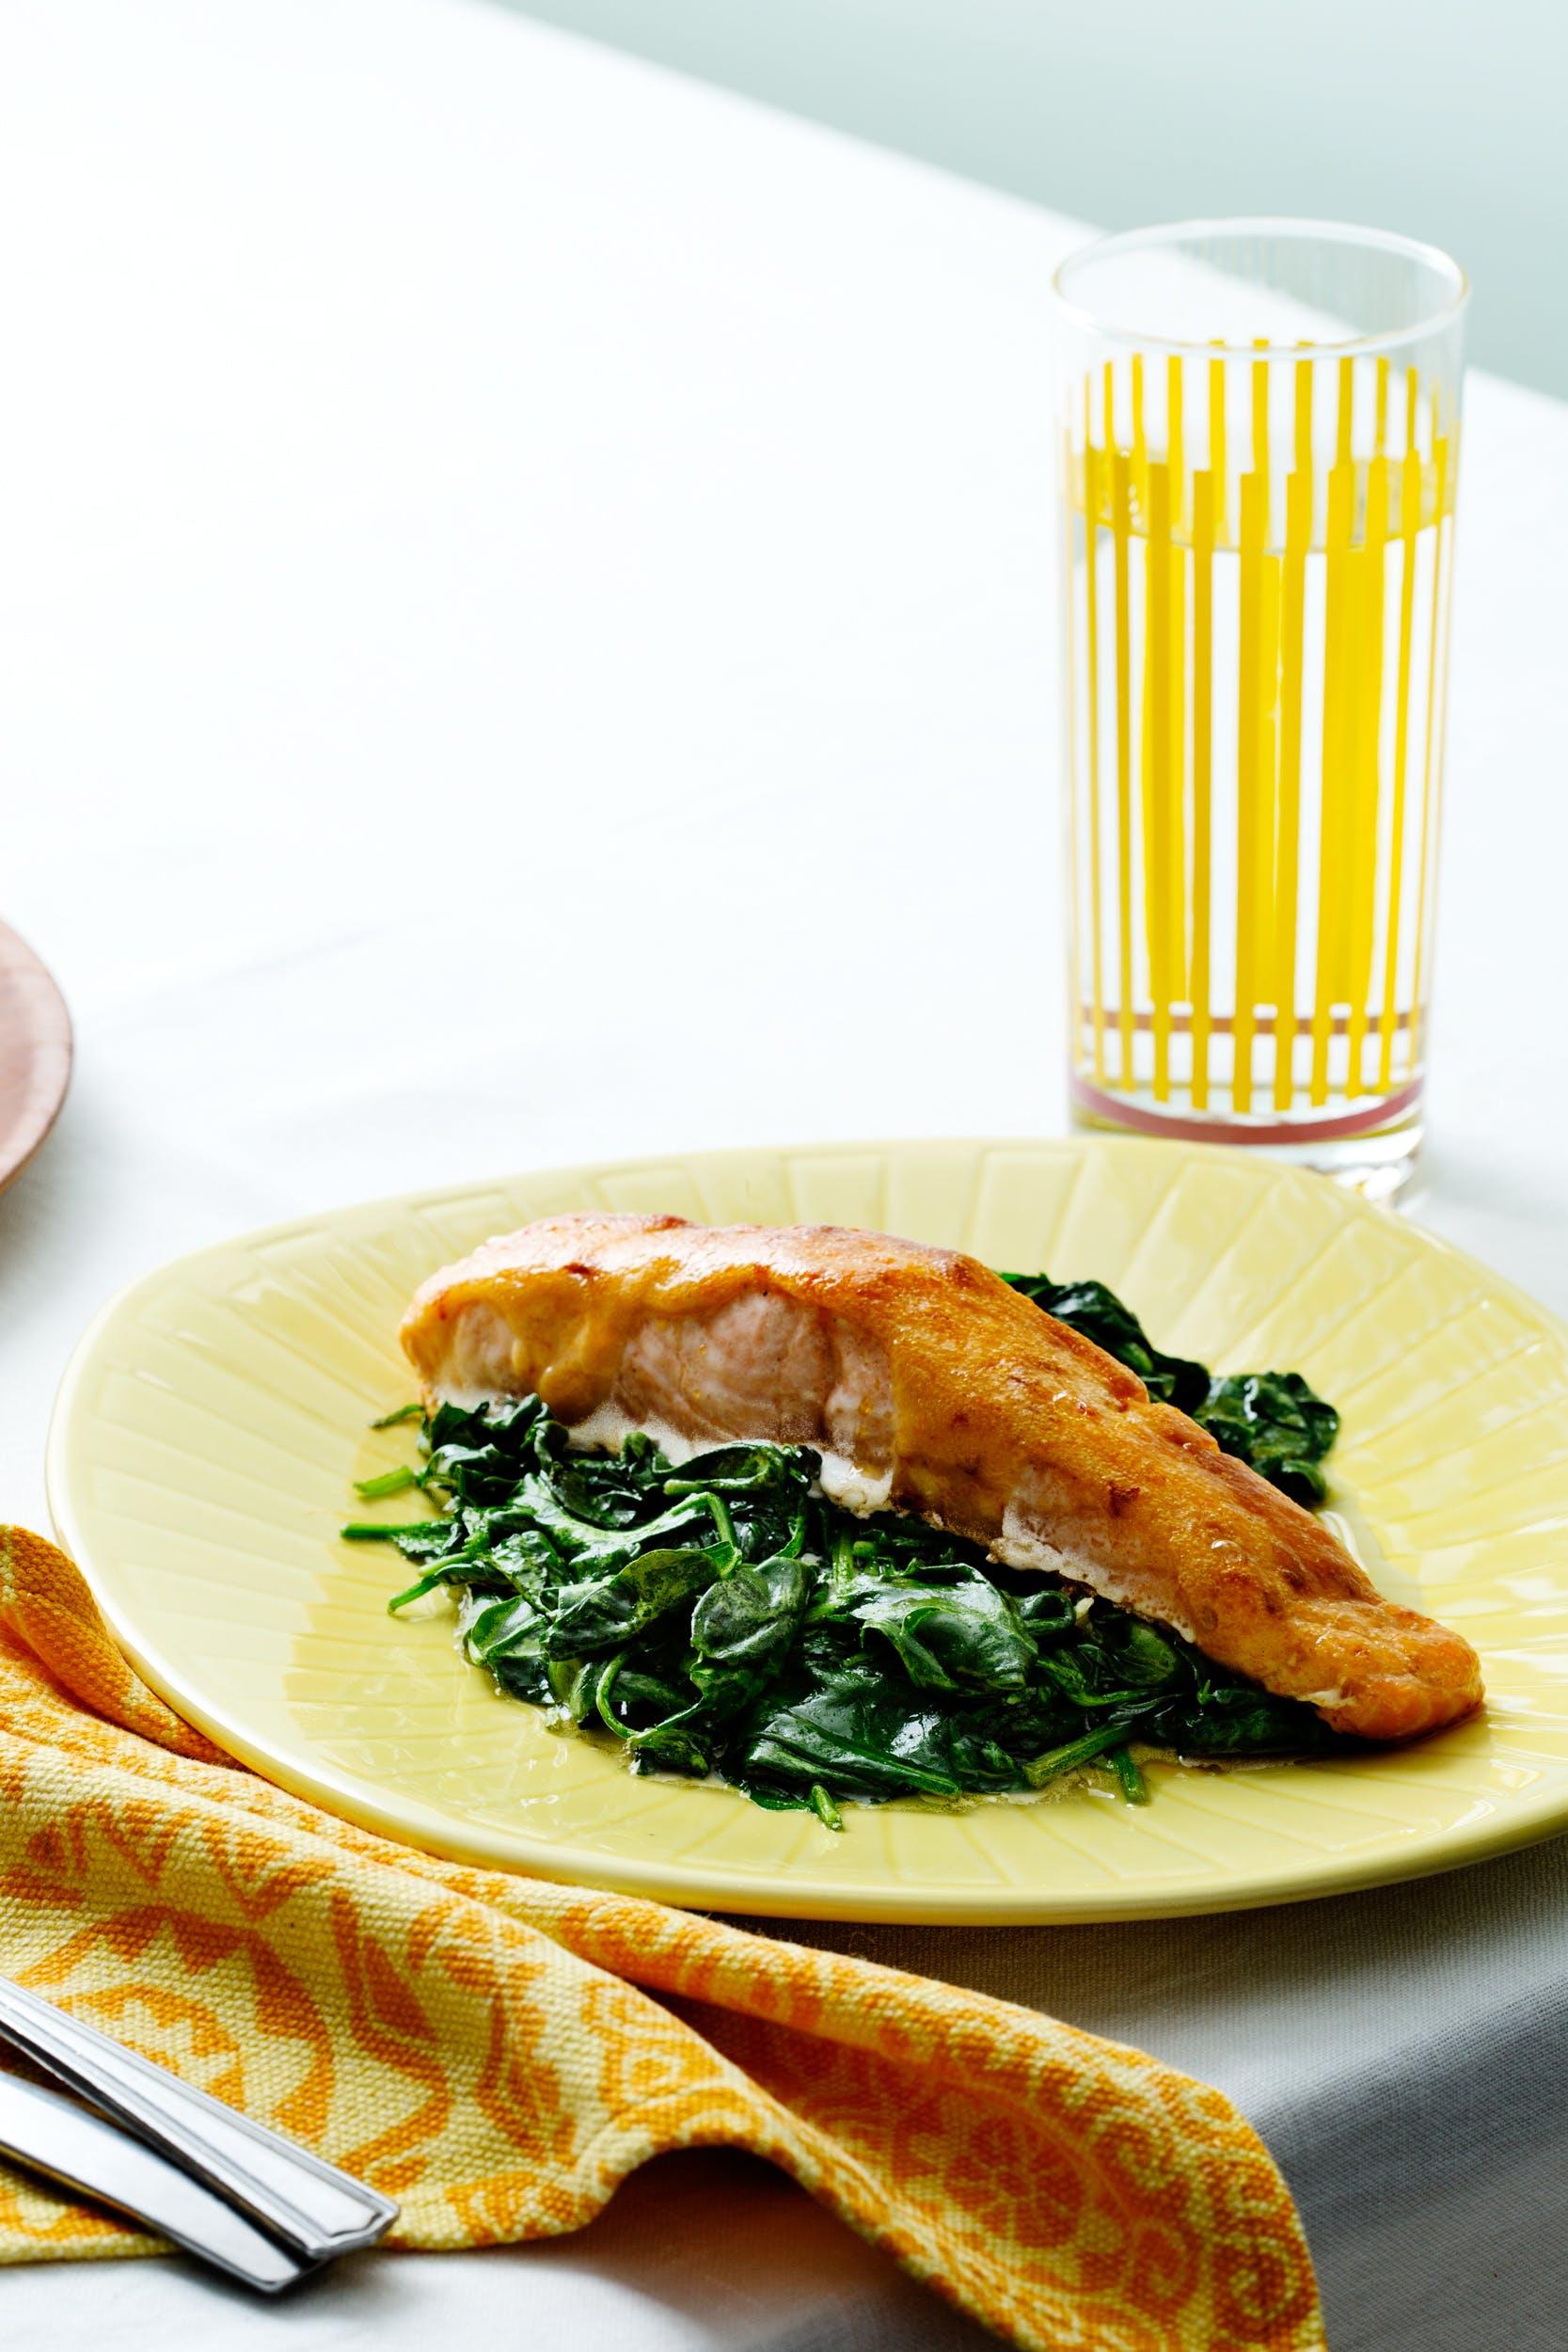 Salmón con salsa de ají y espinacas